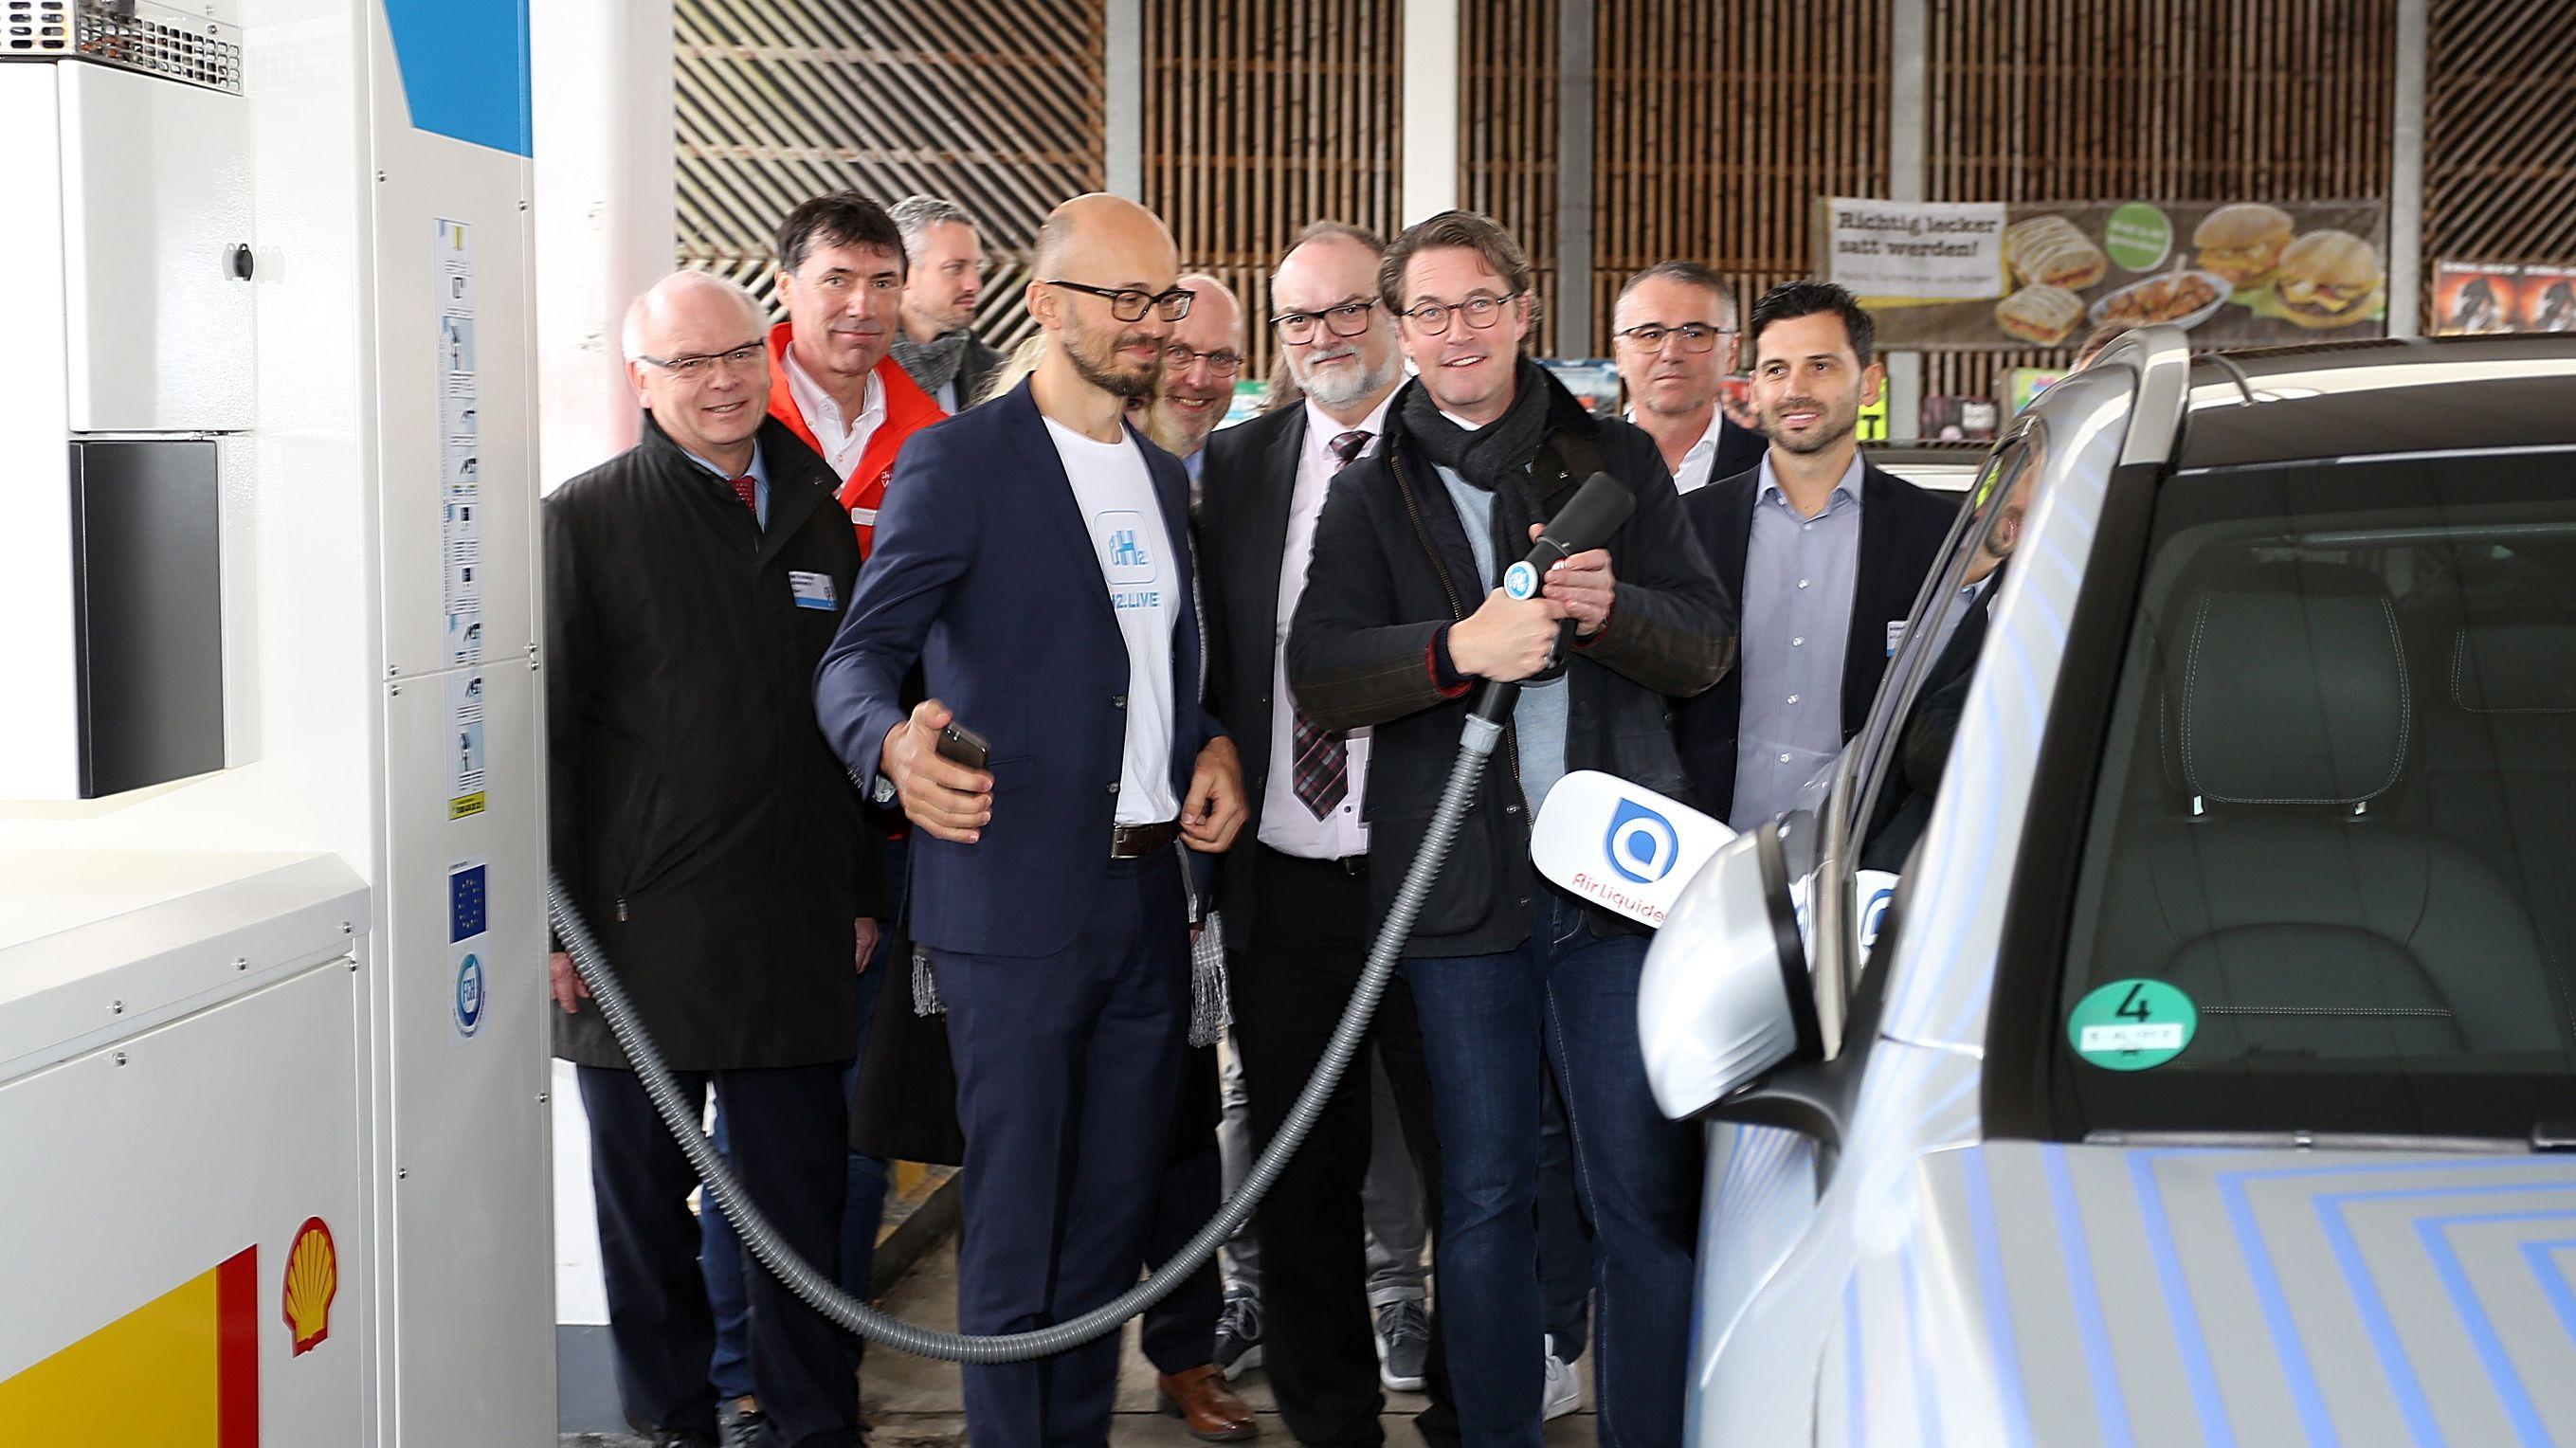 Bundesverkehrsminister Scheuer eröffnet zusammen mit dem Passauer Oberbürgermeister Jürgen Dupper die erste Wasserstoff-Tankstelle Niederbayerns.